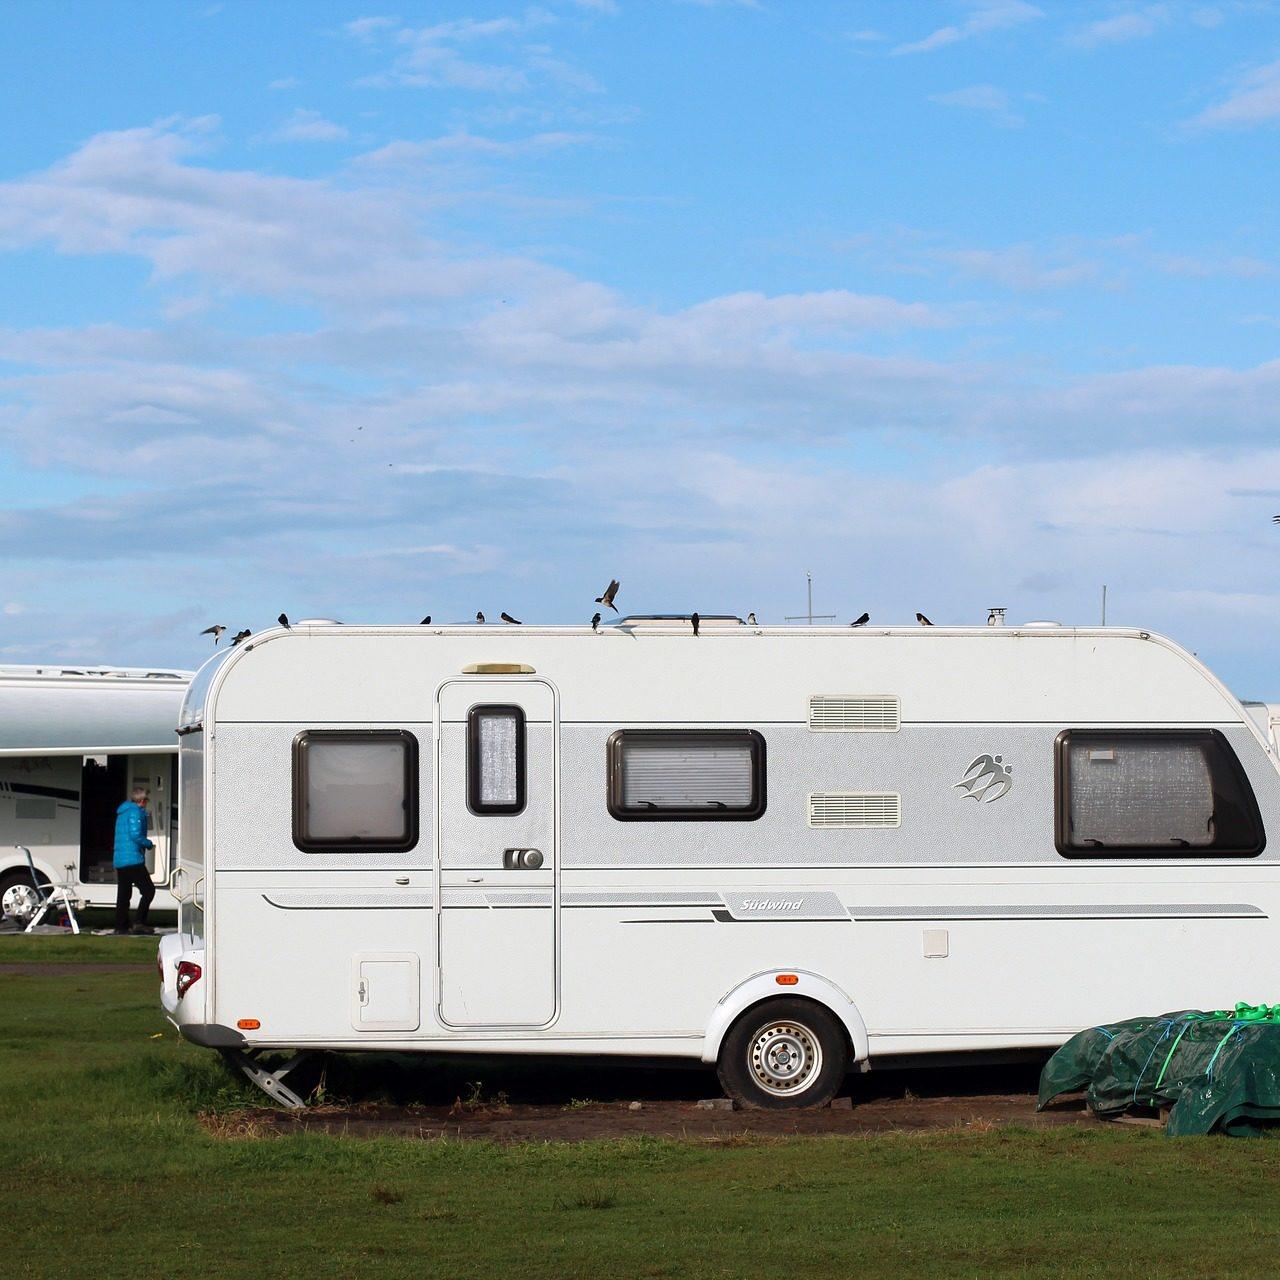 camping_wohnwagen_feuerloescher_blesberger